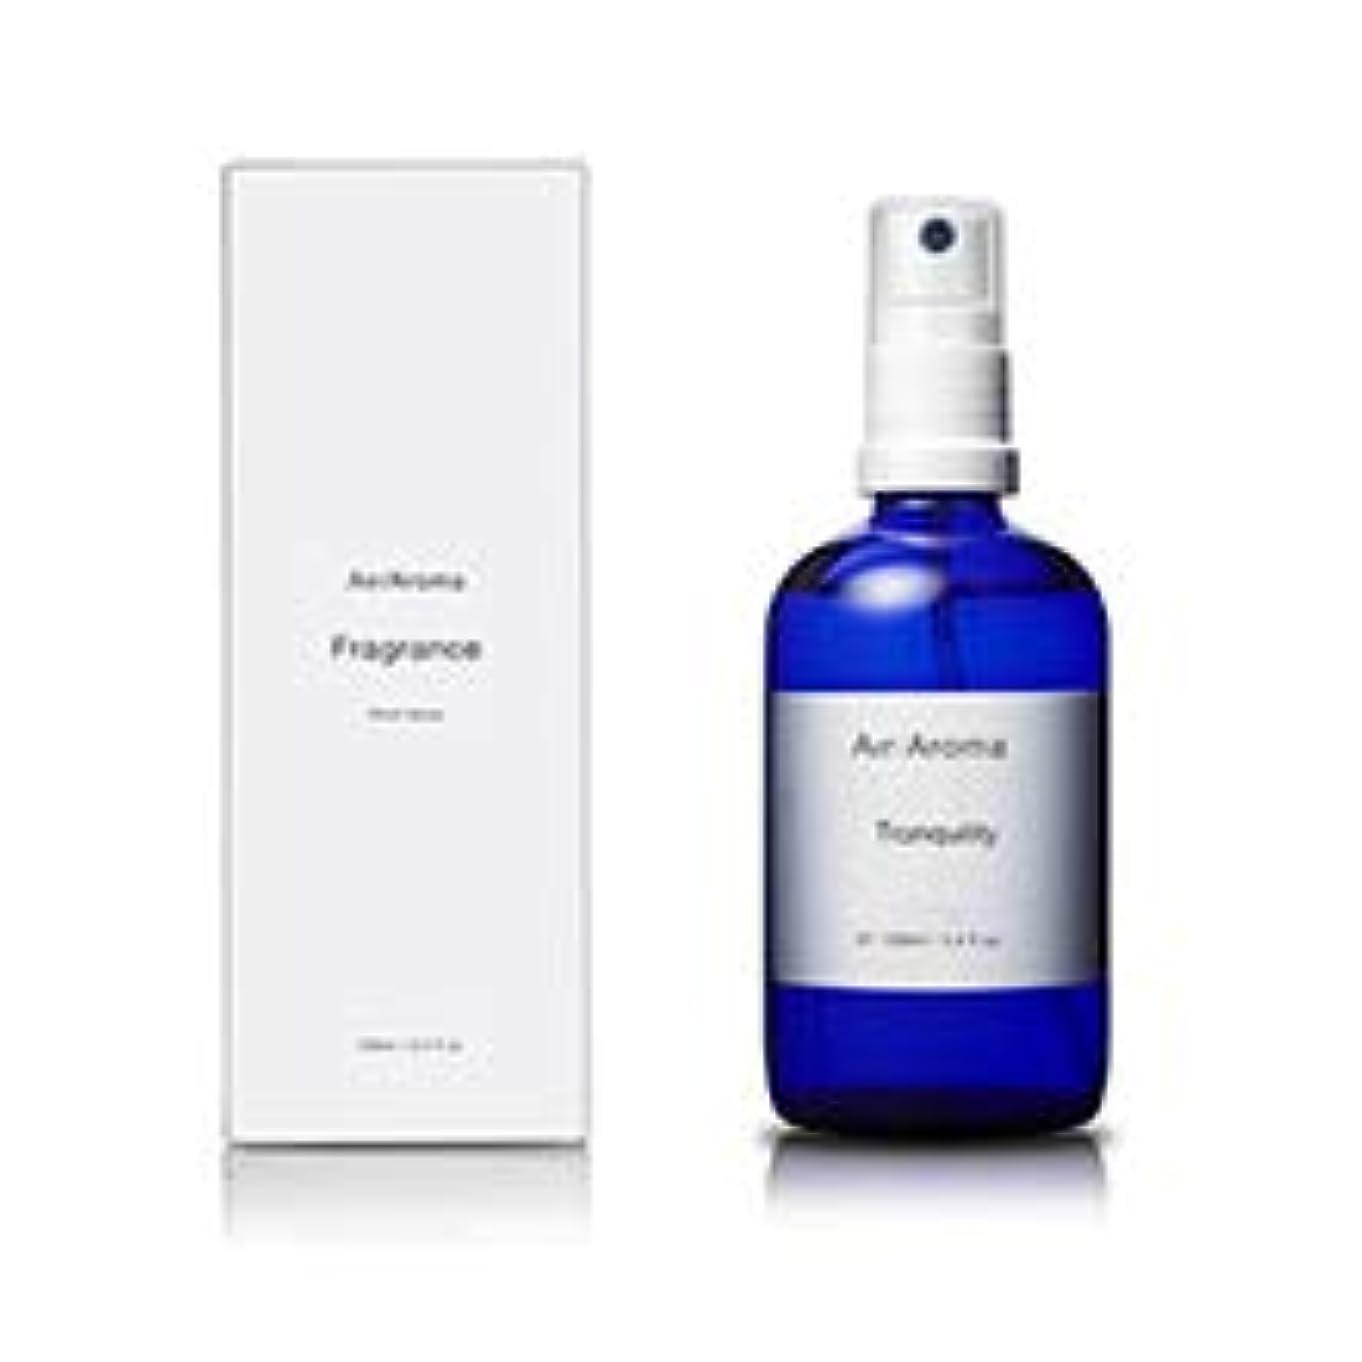 解く連邦ブロックするエアアロマ tranquility room fragrance (トランキリティー ルームフレグランス) 100ml